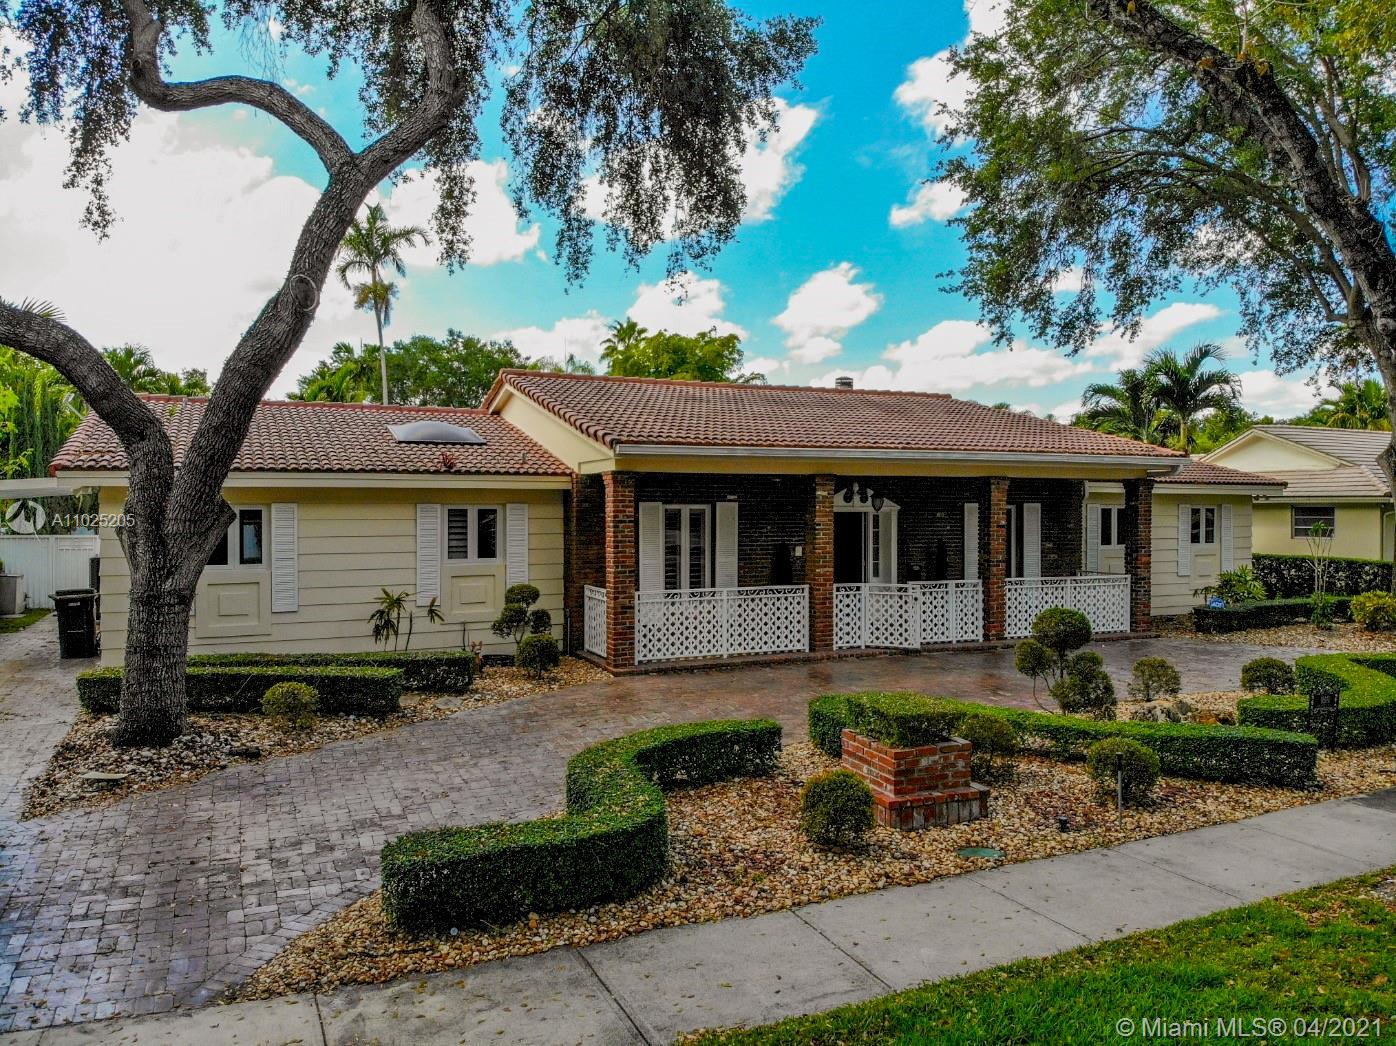 Miami Lakes - 16140 Aberdeen Way, Miami Lakes, FL 33014